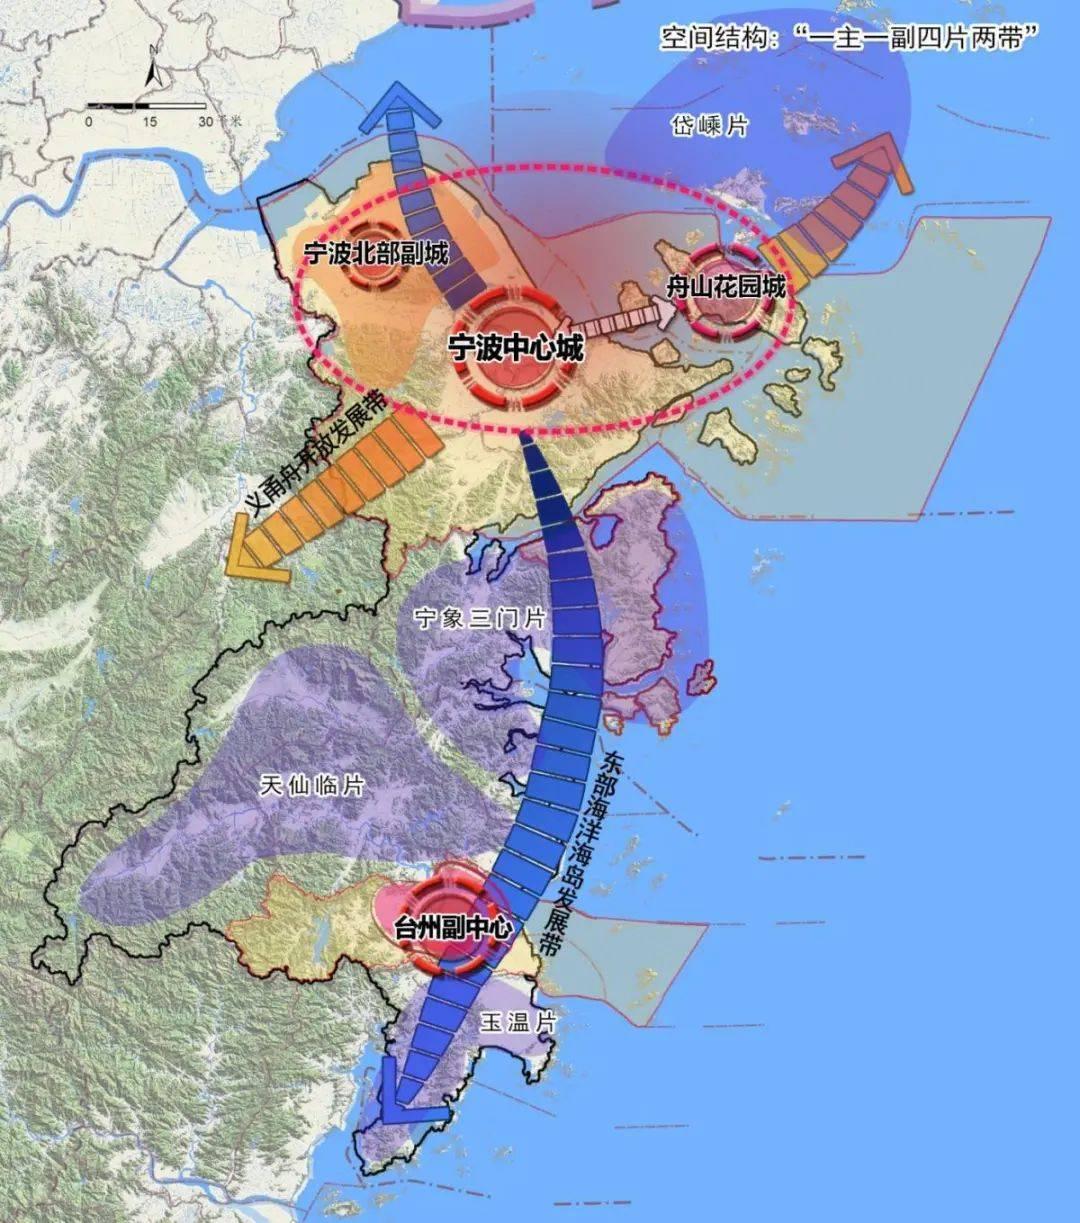 宁波都市区建设方案公布,将谋建跨地市区域一体化合作先行区